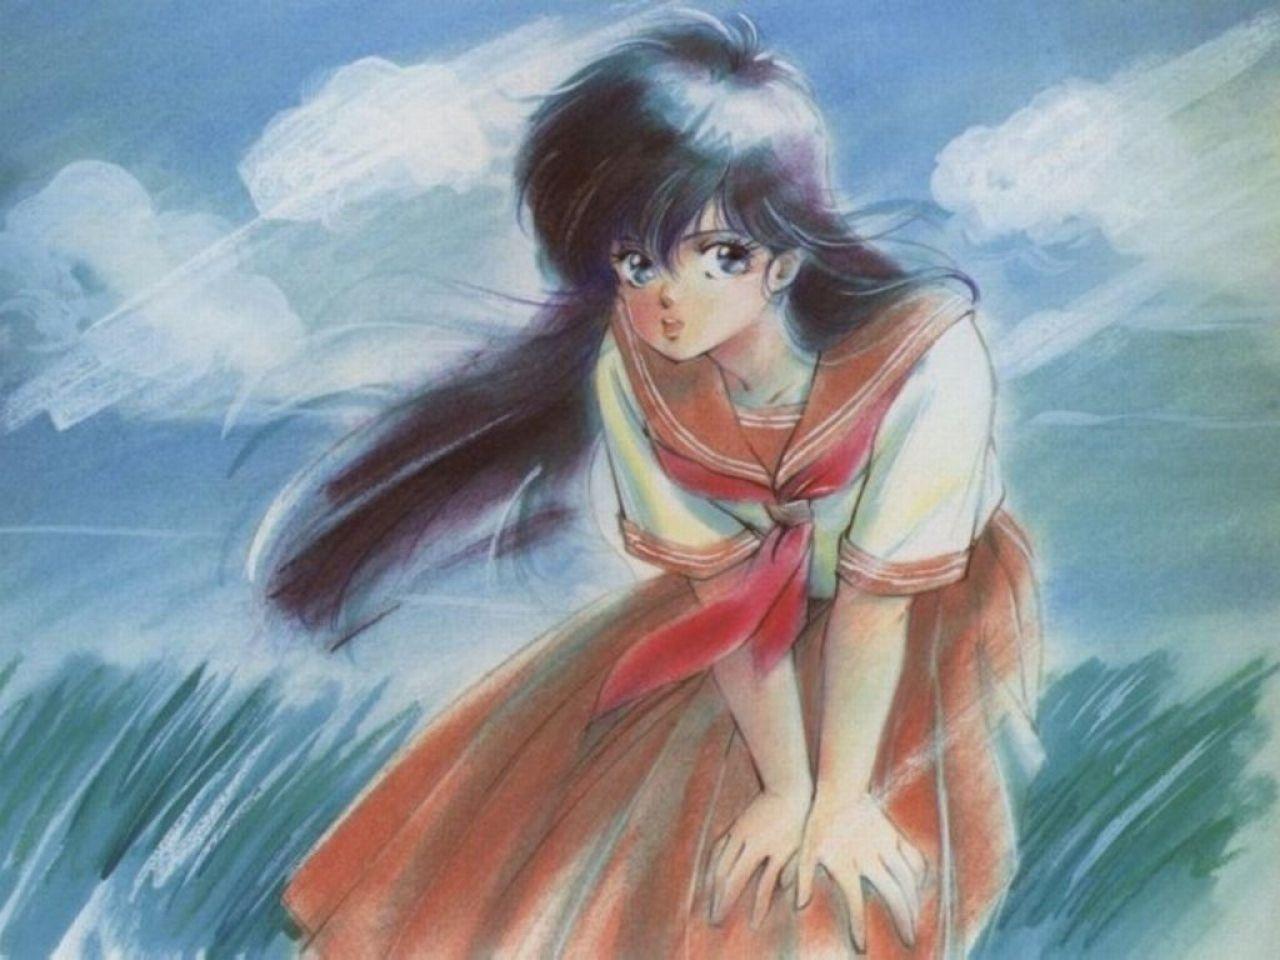 Kimagure Orange Road, grande romance lançado nos anos 1980 em mangá. Shoujo ou shonen?